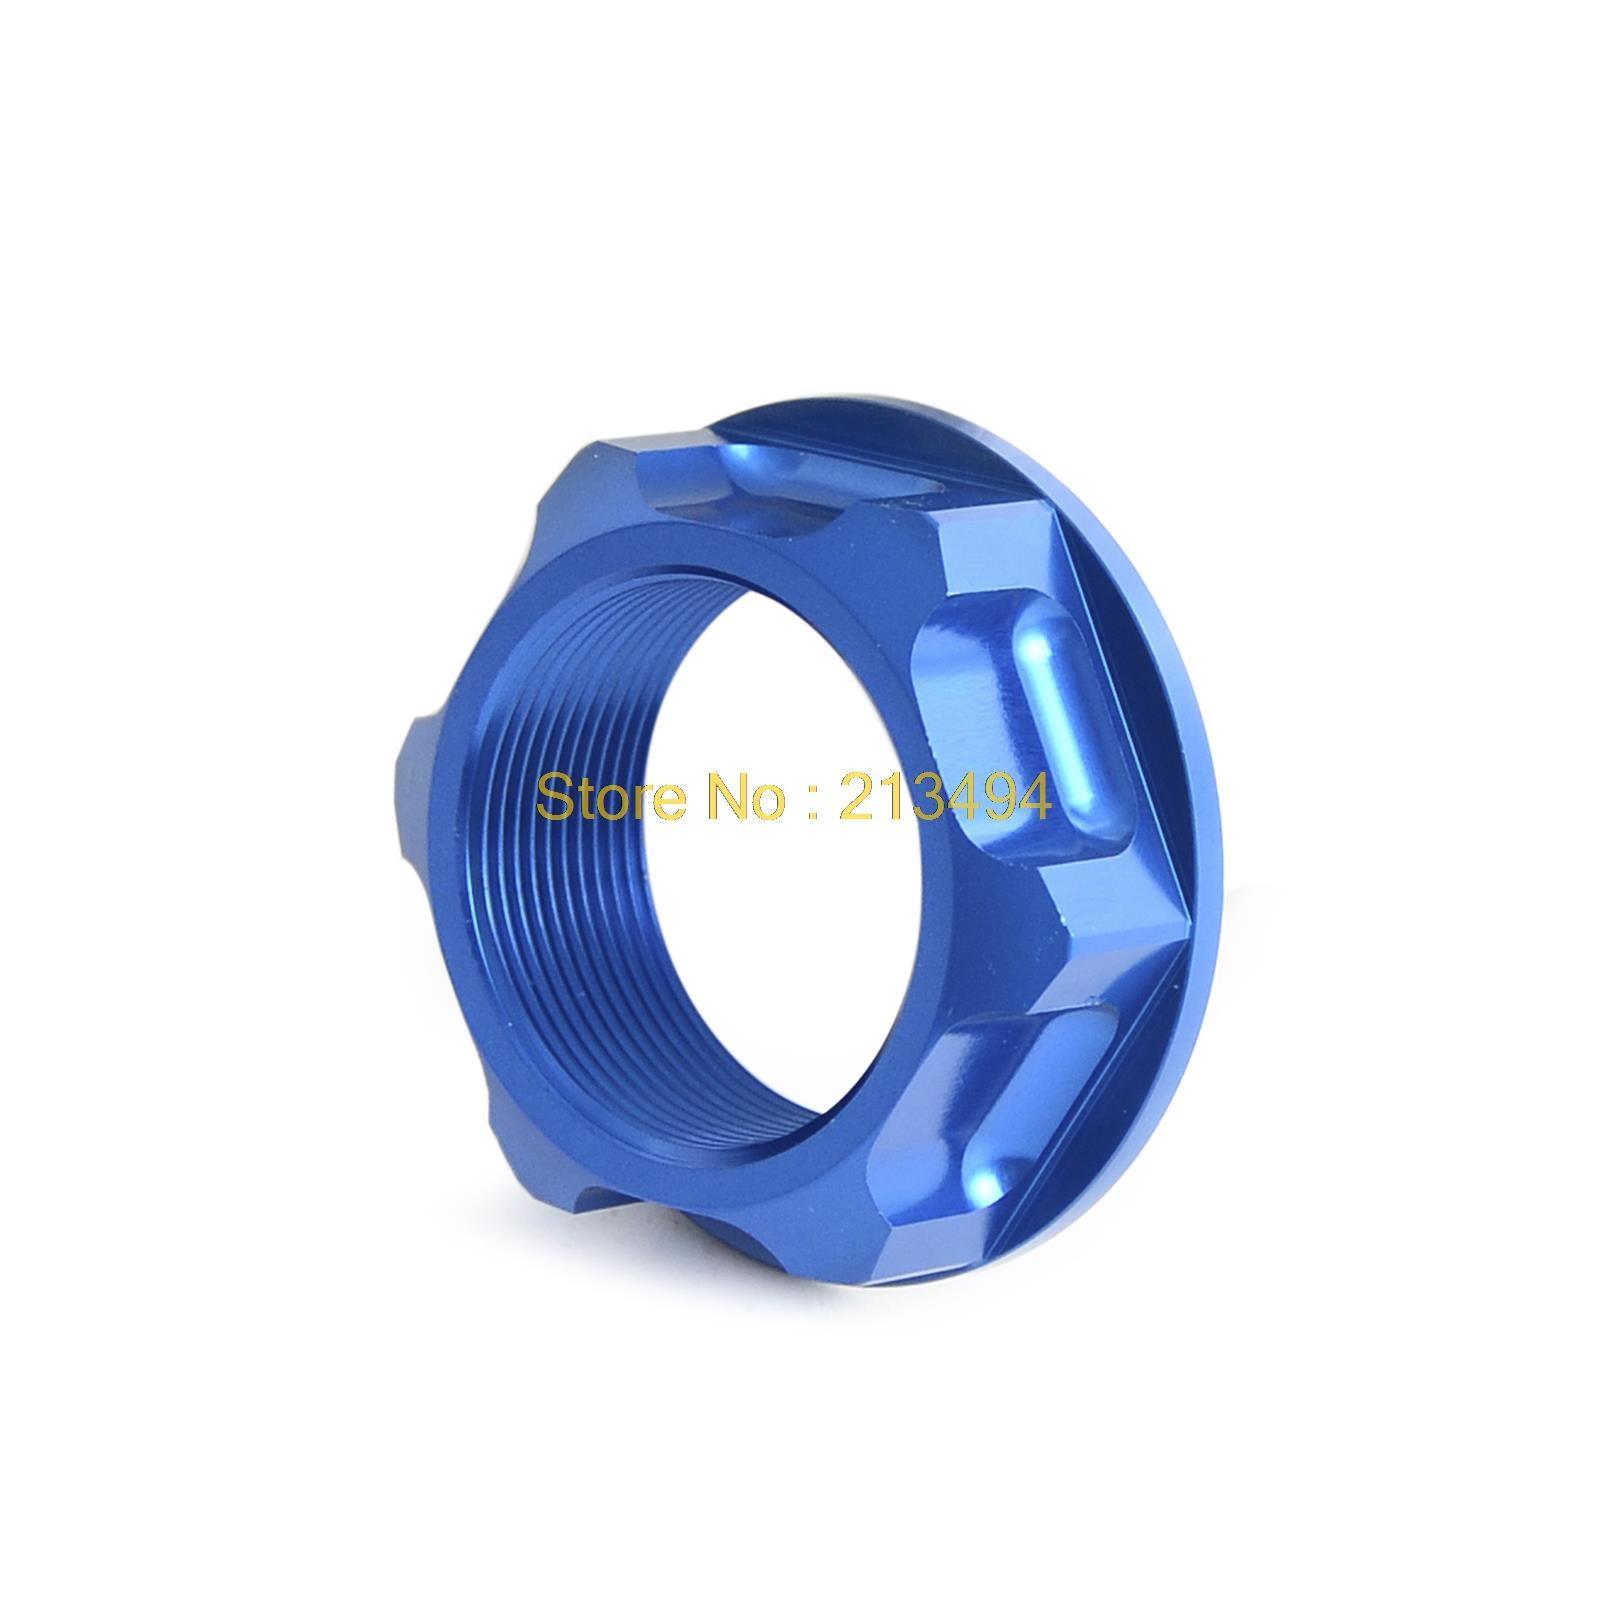 NICECNC анодированный алюминий заготовки рулевого стержня Гайка для YAMAHA YZ125/250 YZ400/426F WR250F 450F Сузуки RM125/250 RMZ250 450